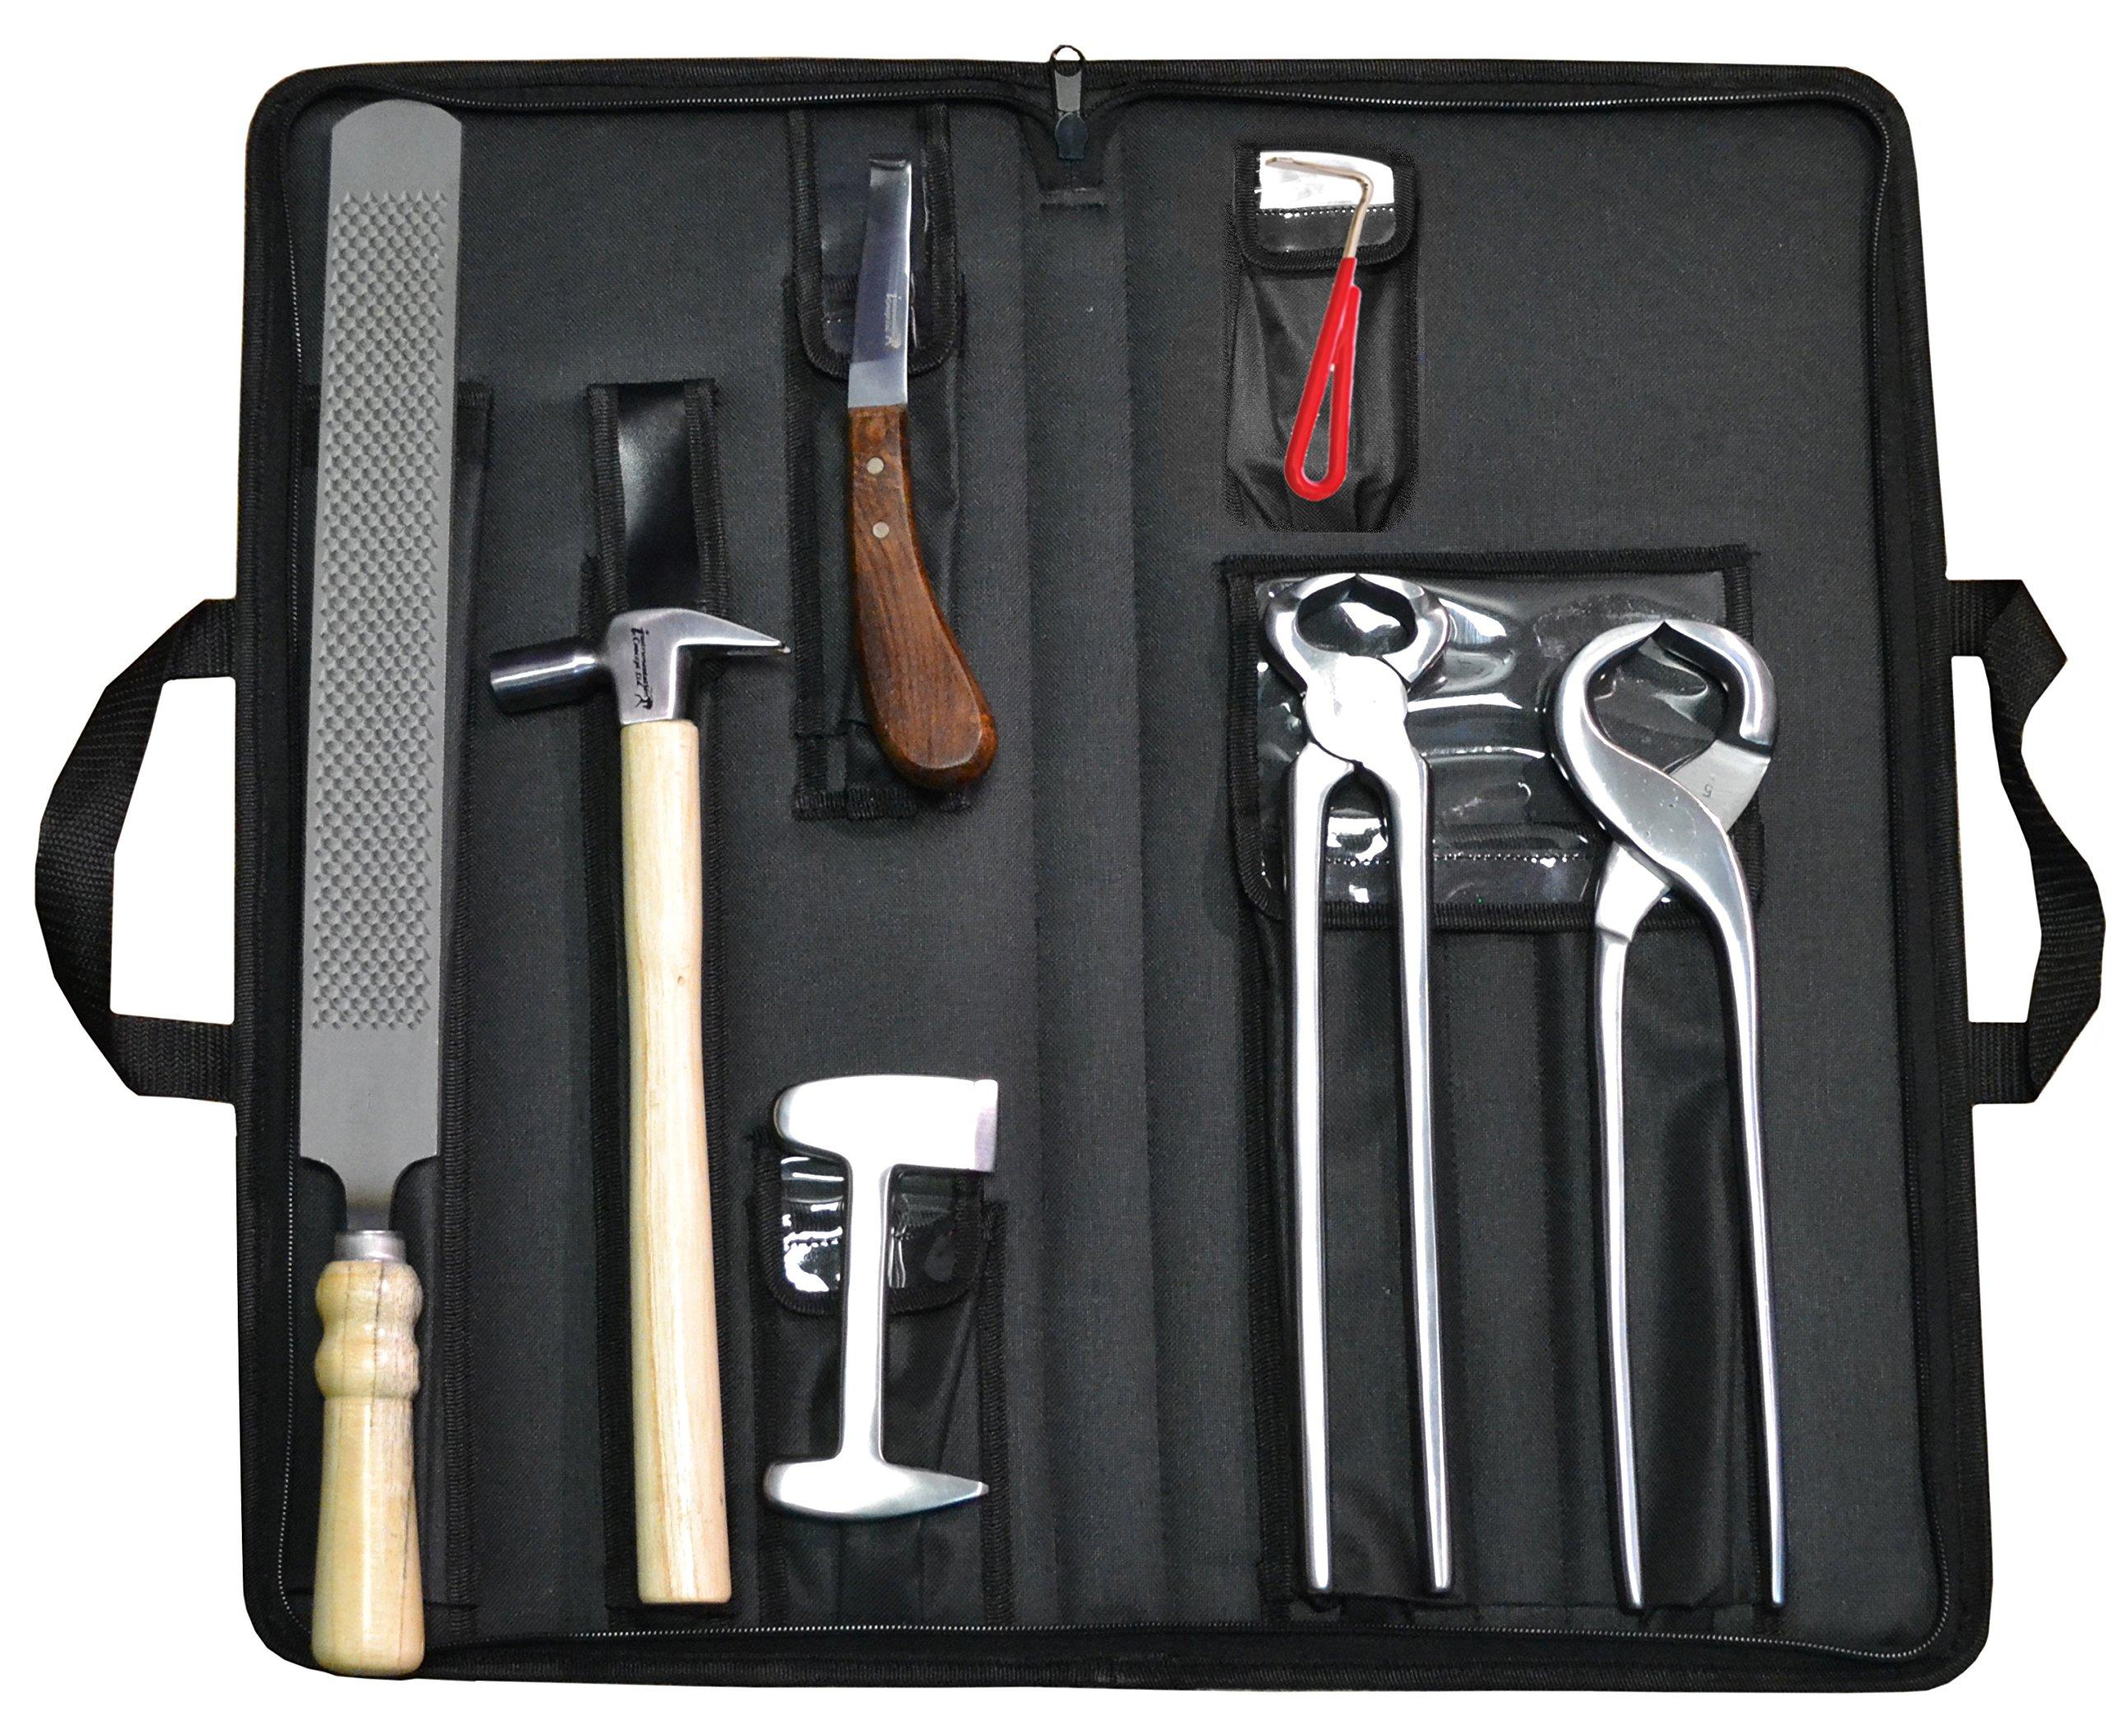 Farrier Hoof Kit | EQUINOX Premium Range Horse Hoof Care Farrier Equipment Tack Room Farrier Kit by EQUINOX UK